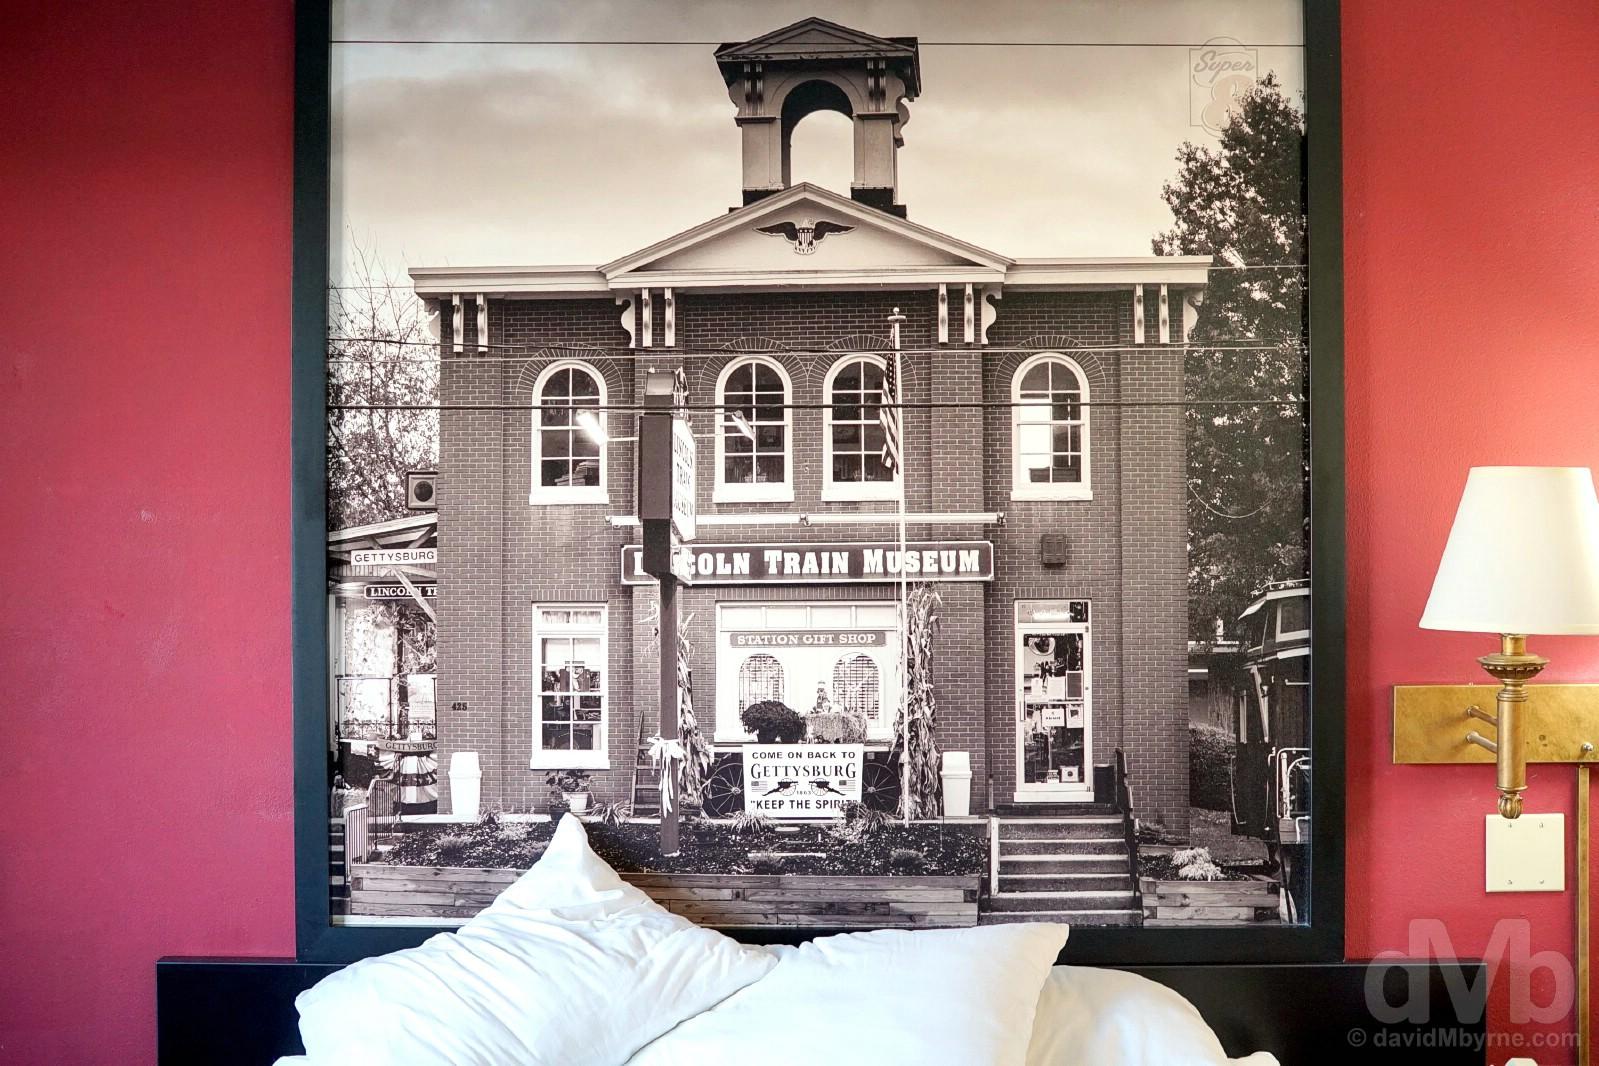 Motel 8, Gettysburg, Pennsylvania, USA. September 29, 2017.